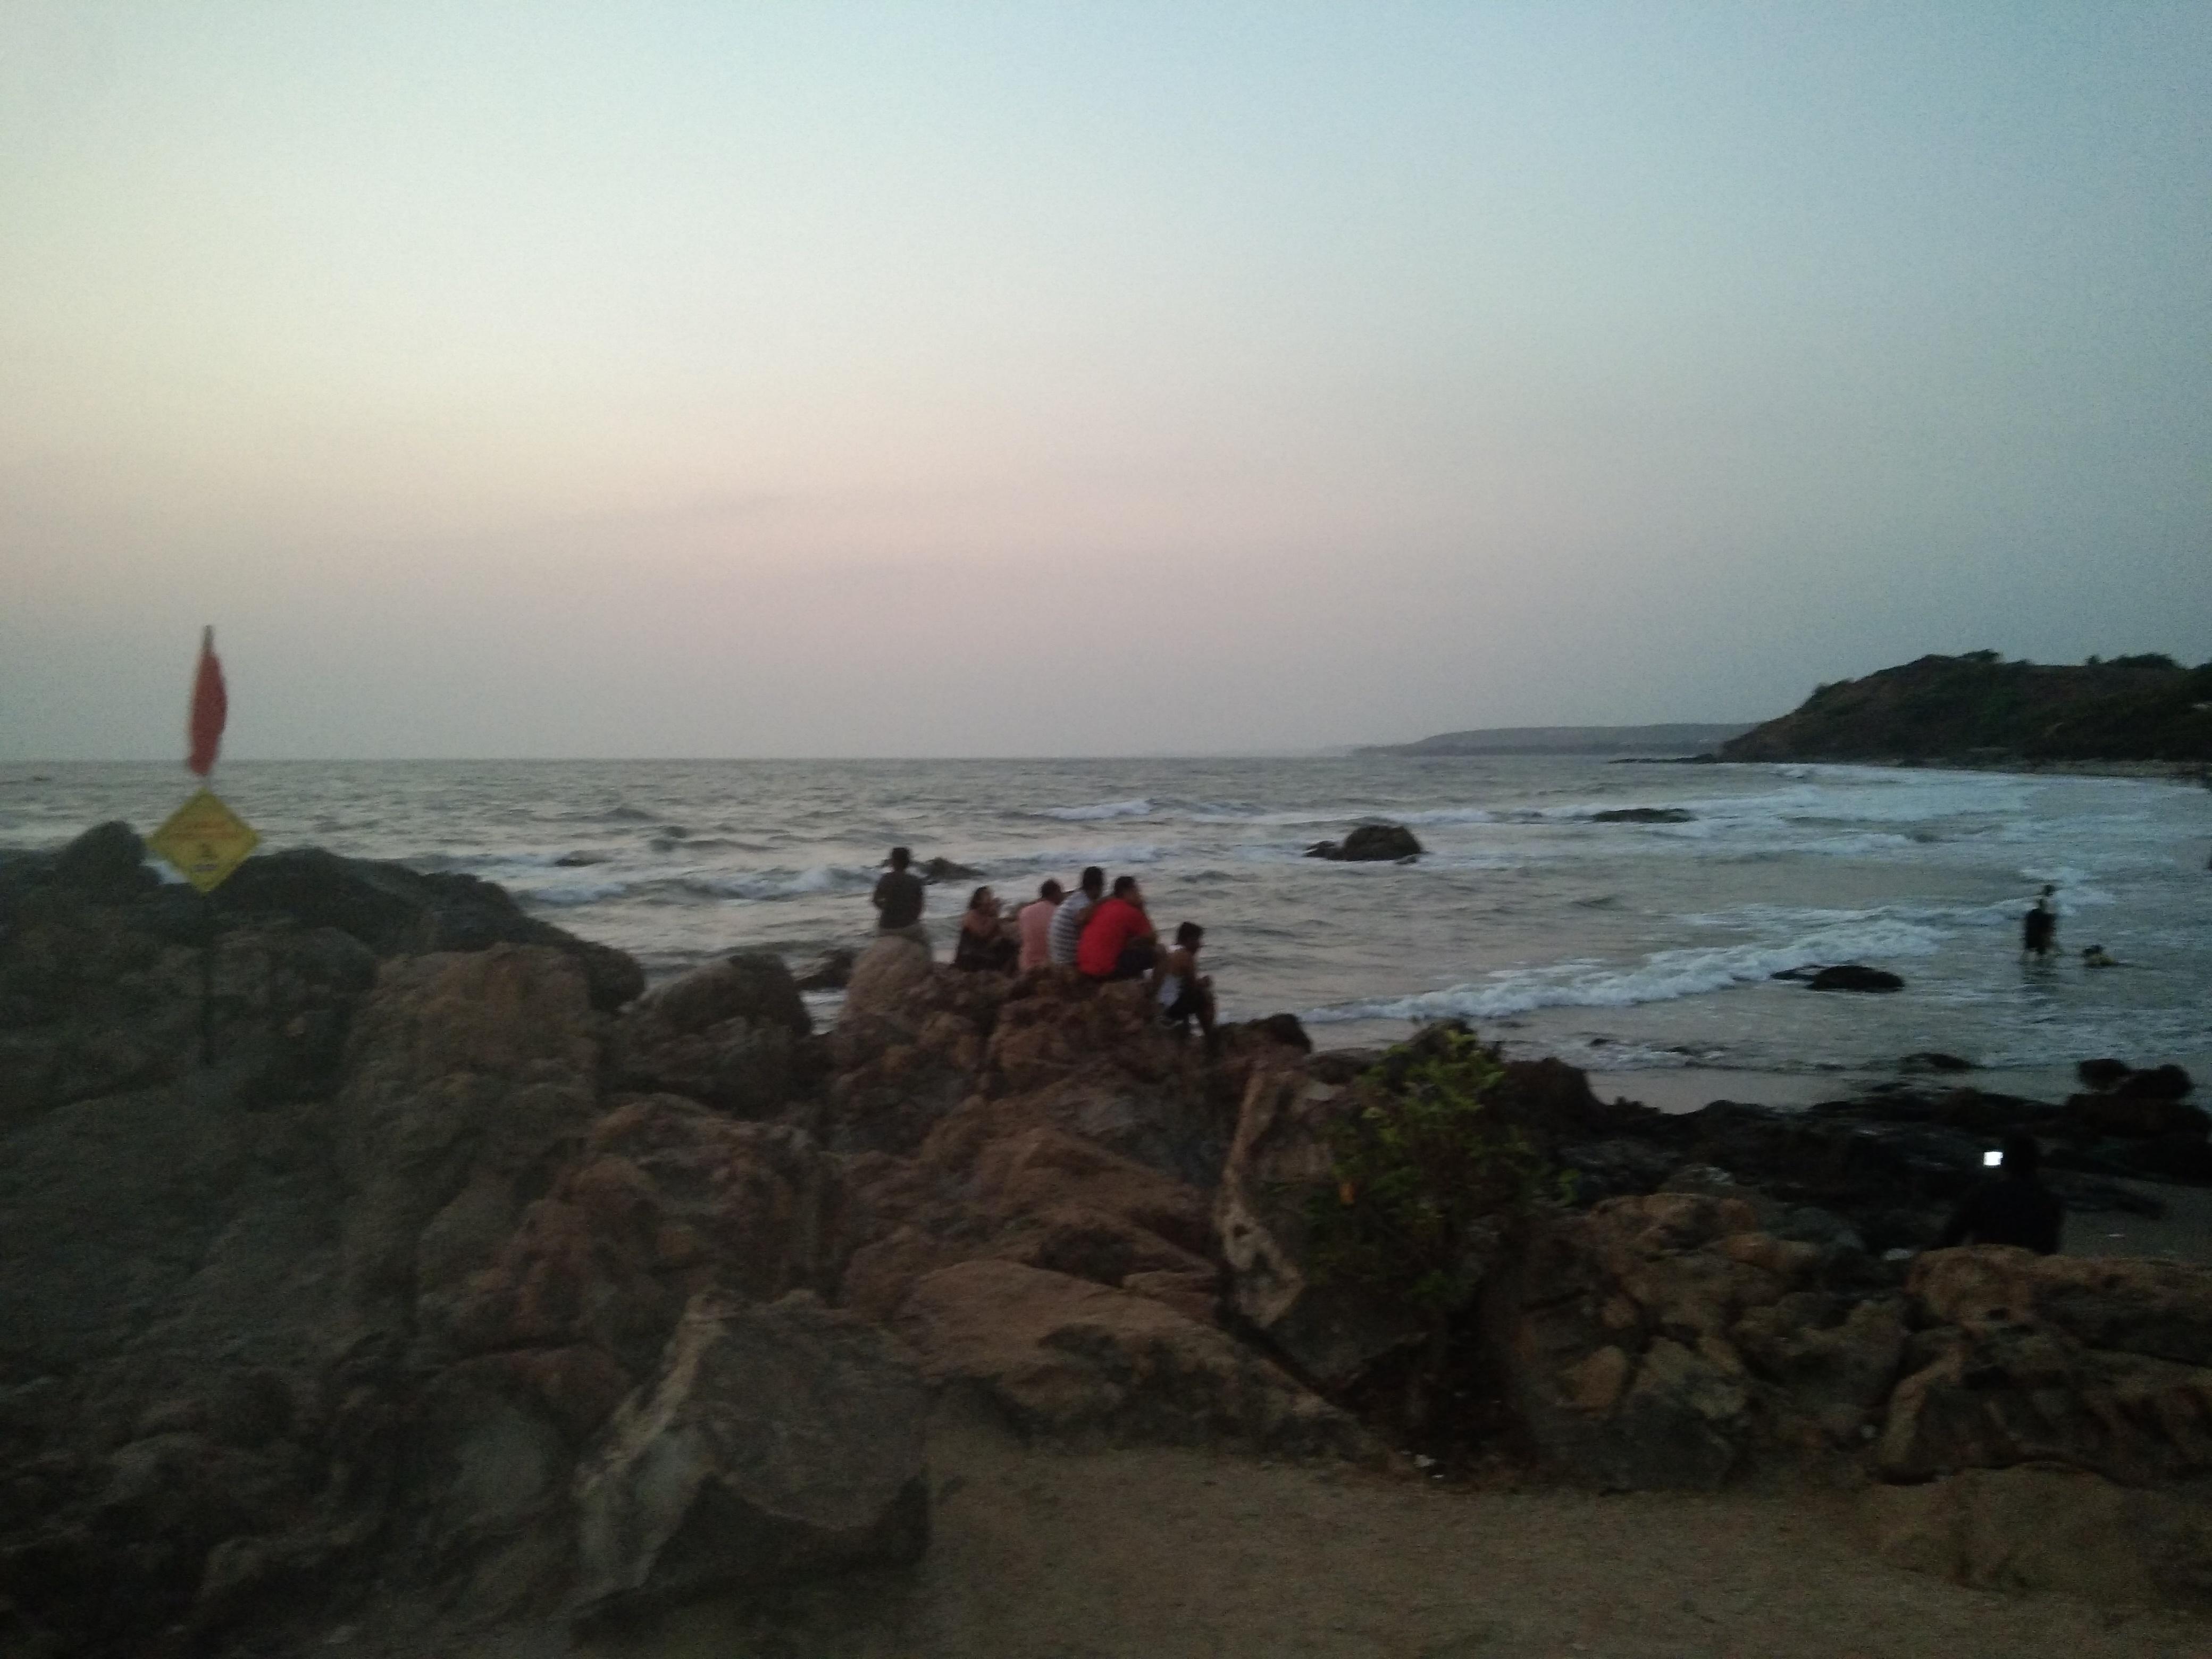 Best sunset spot in Goa